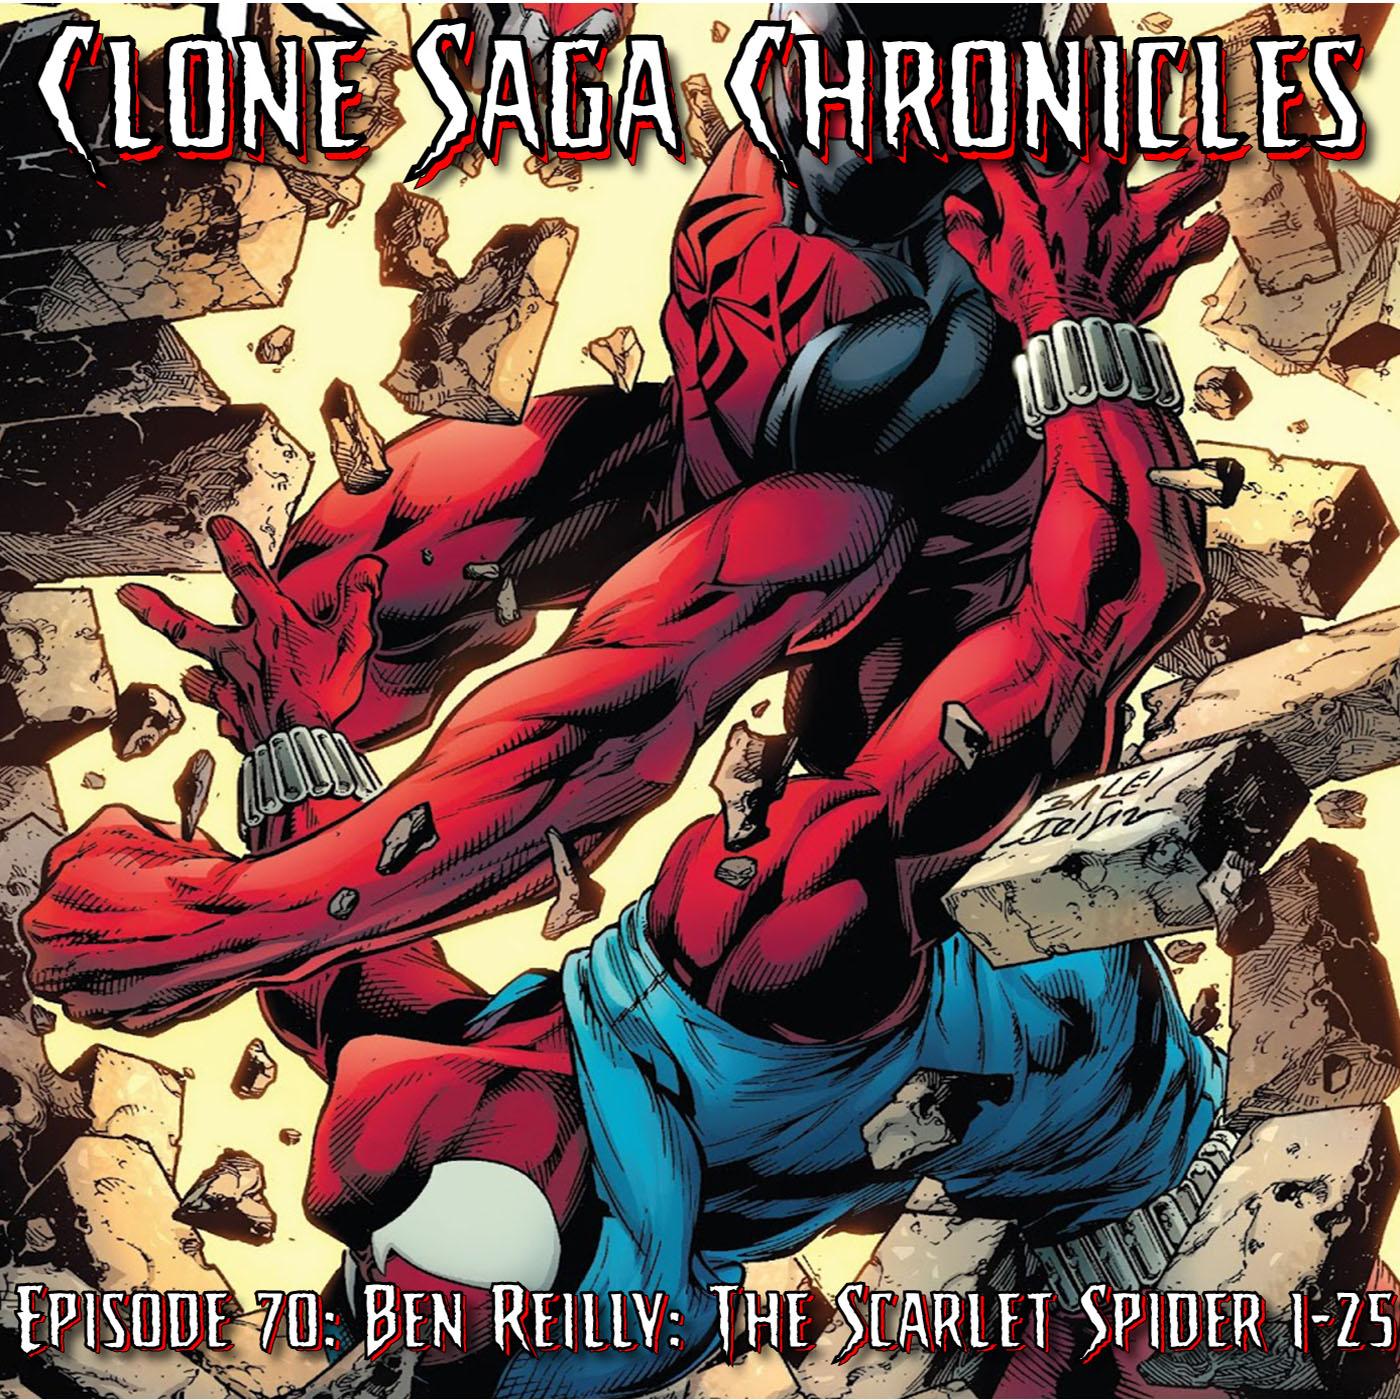 CSC Episode 70: Ben Reilly: The Scarlet Spider & Spider-Geddon